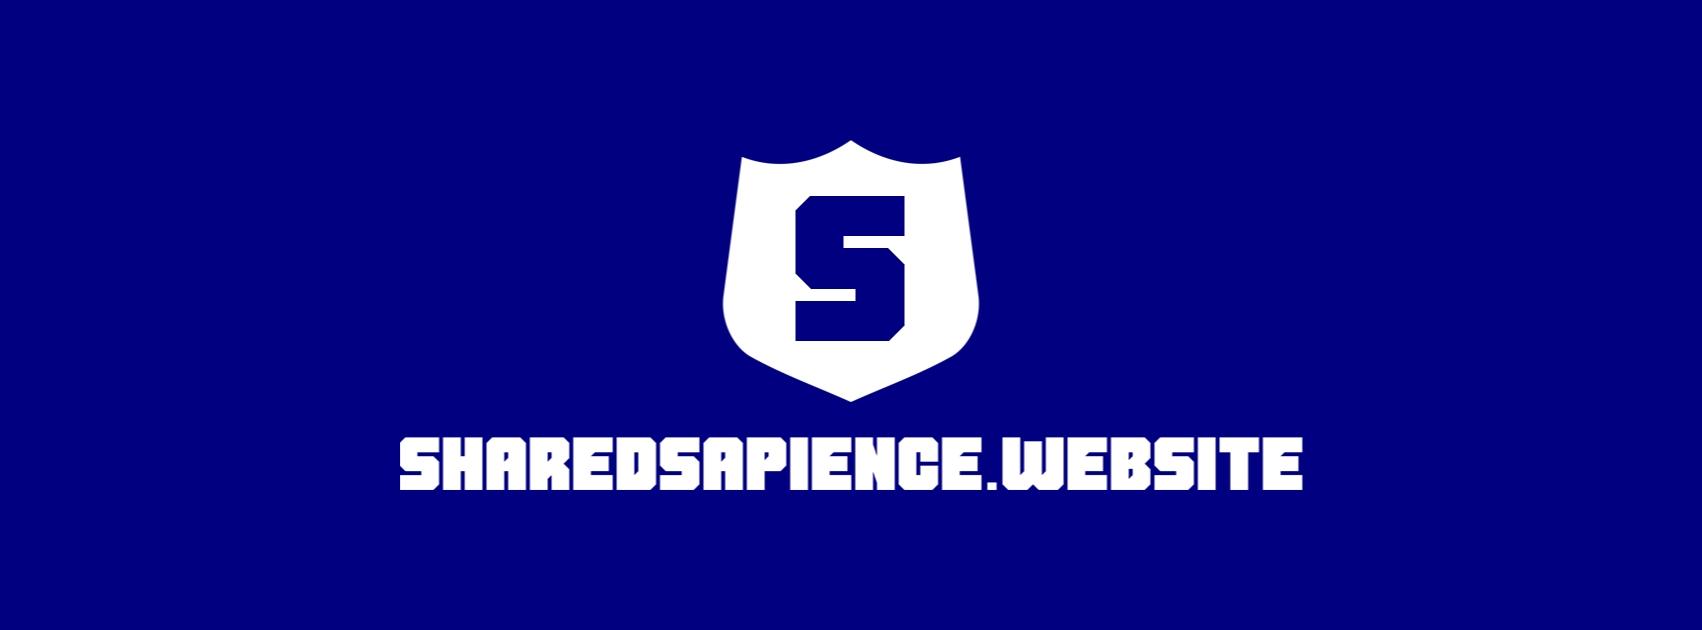 sharedsapience.website